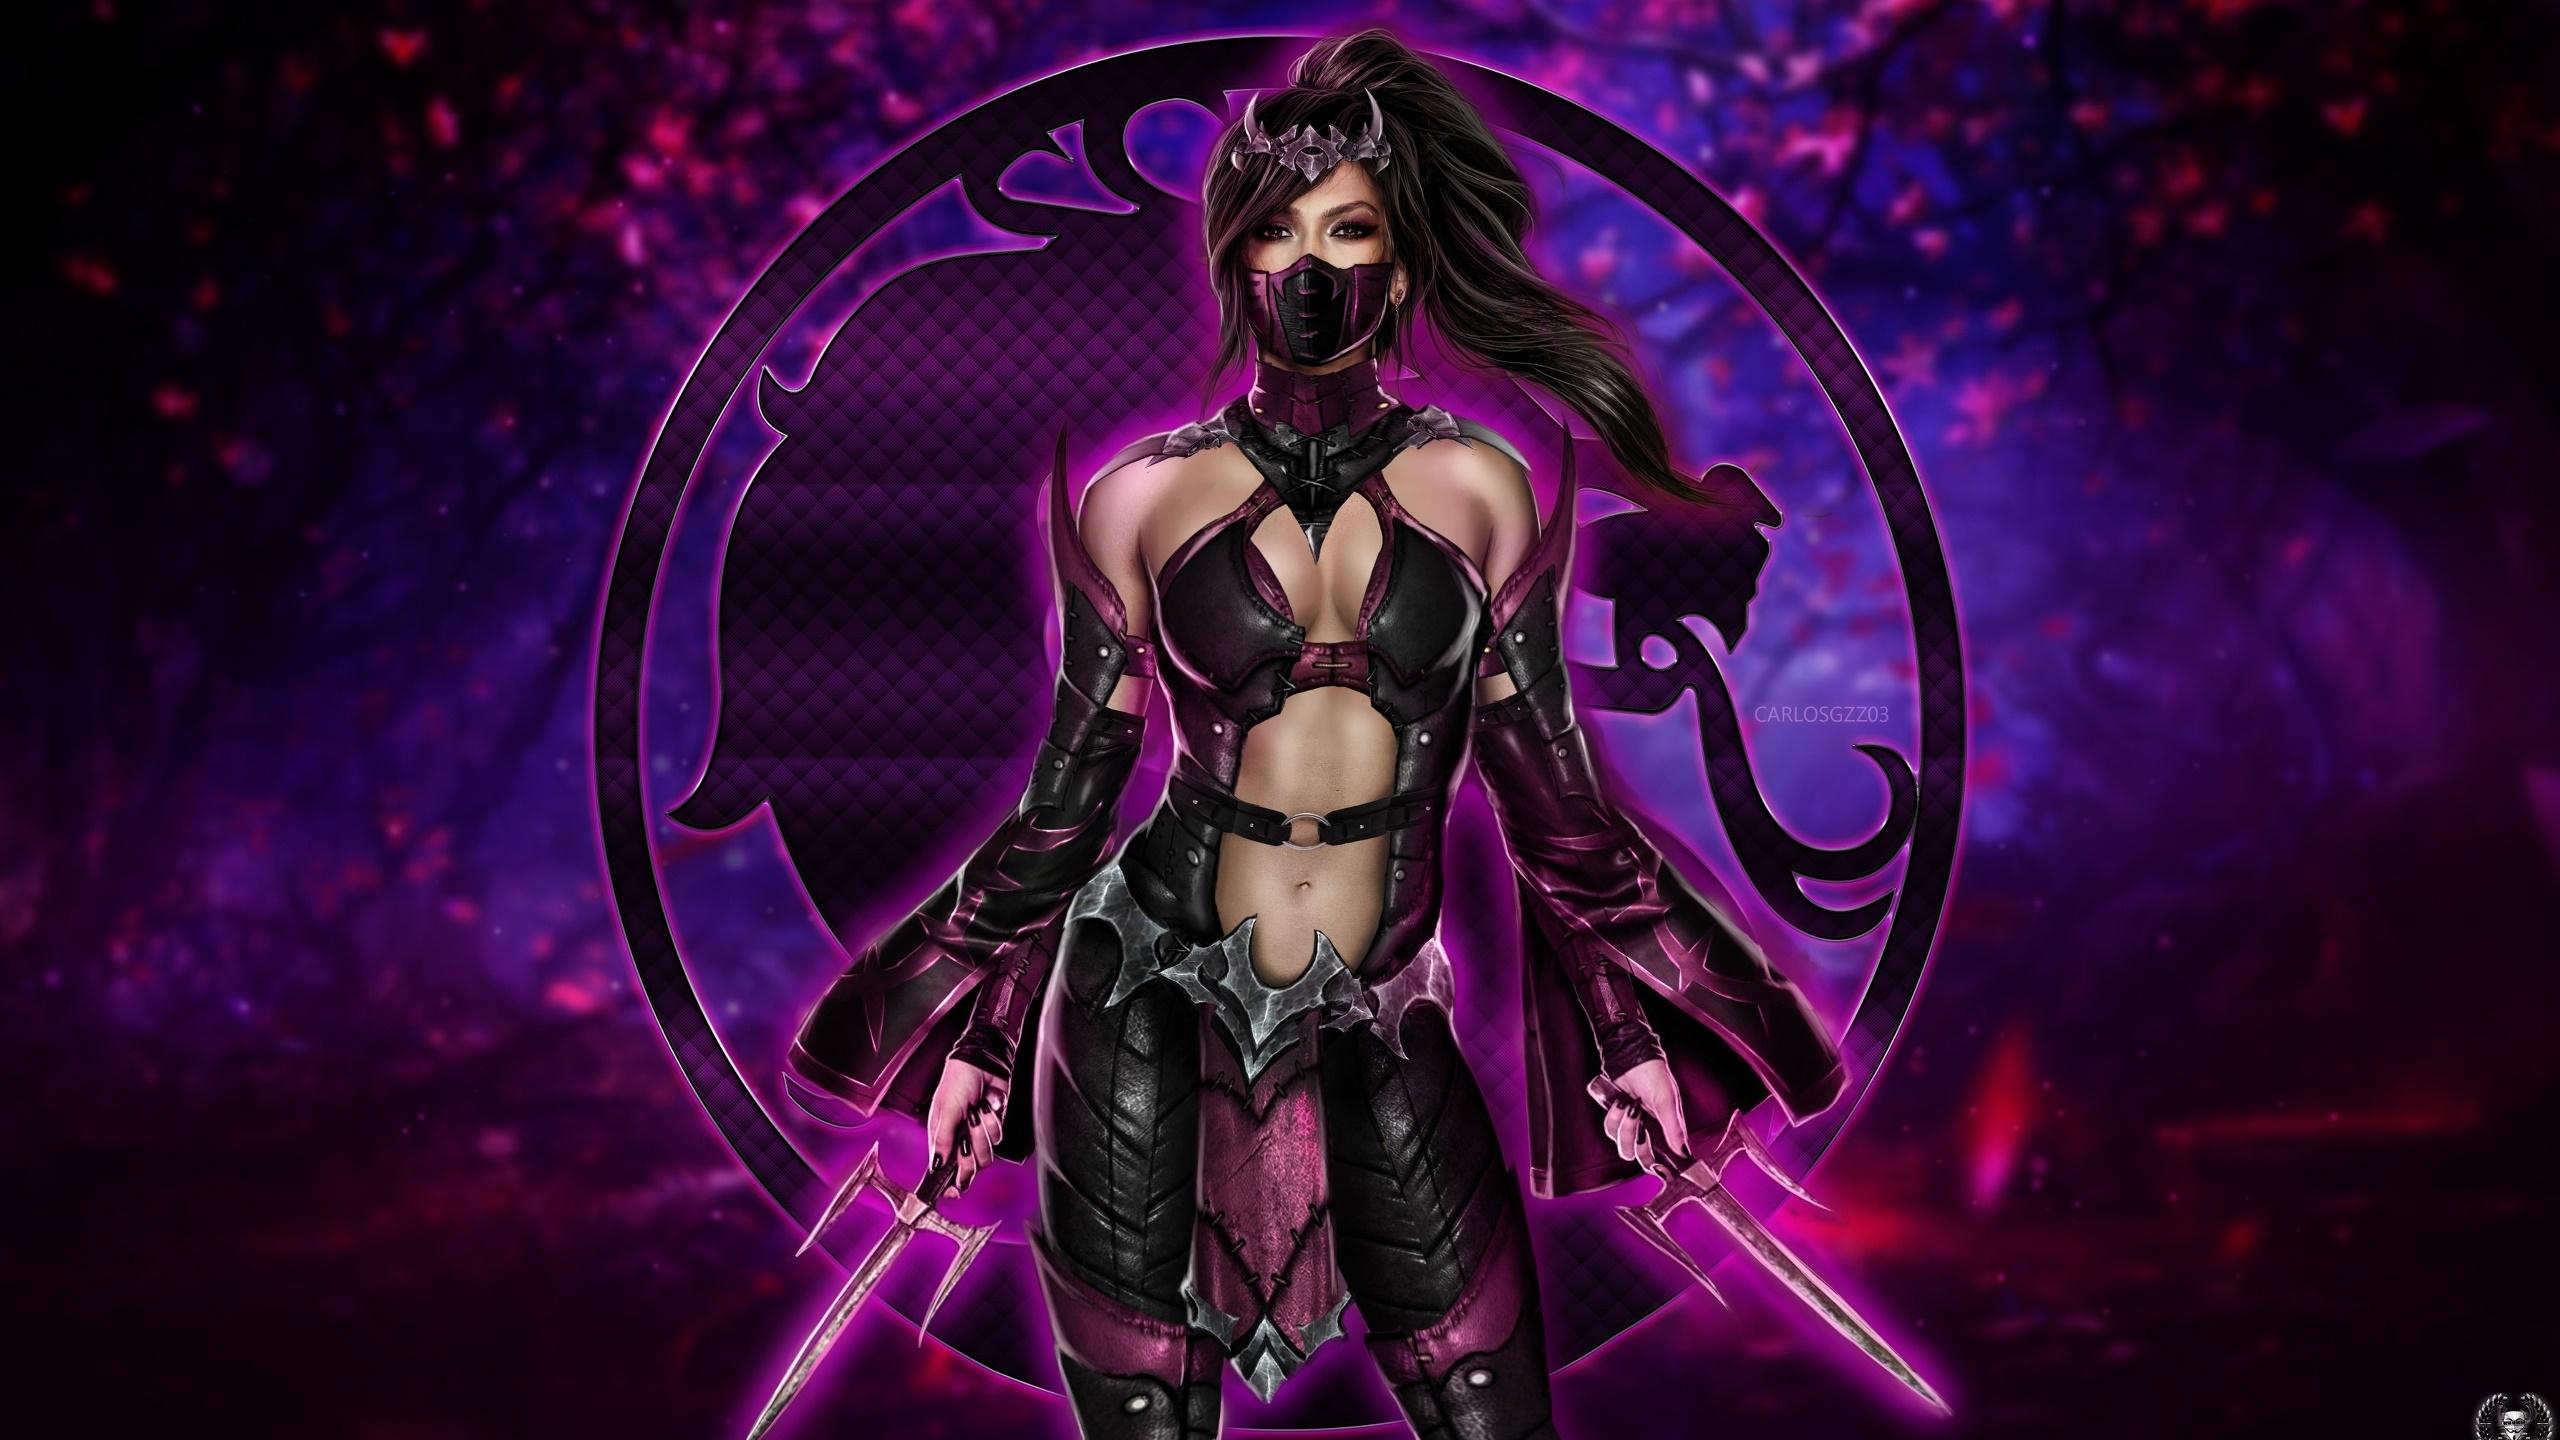 2560x1440 Mileena Mortal Kombat 11